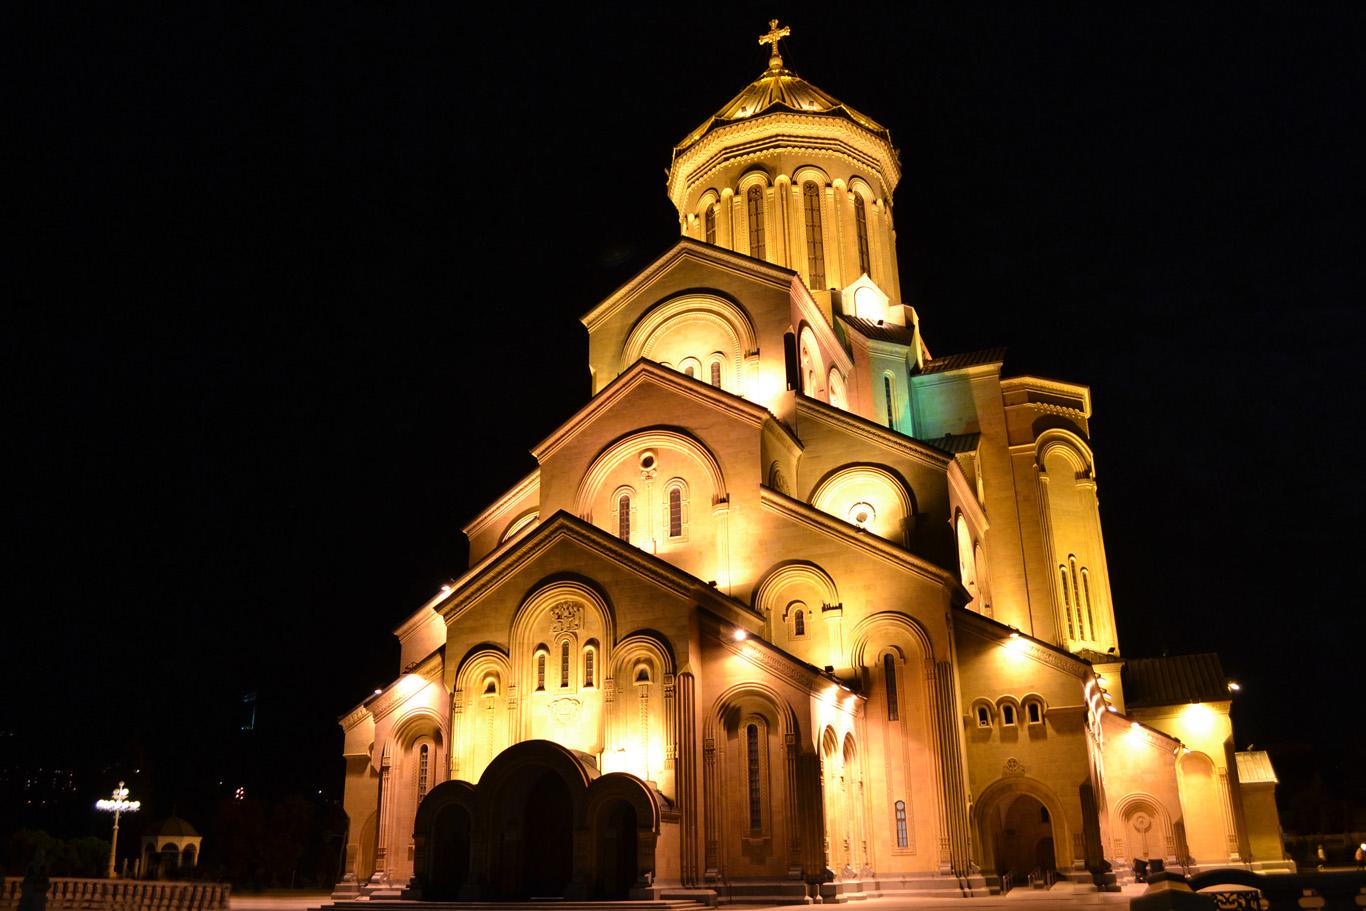 Sameba (Holy Trinity) Cathedral